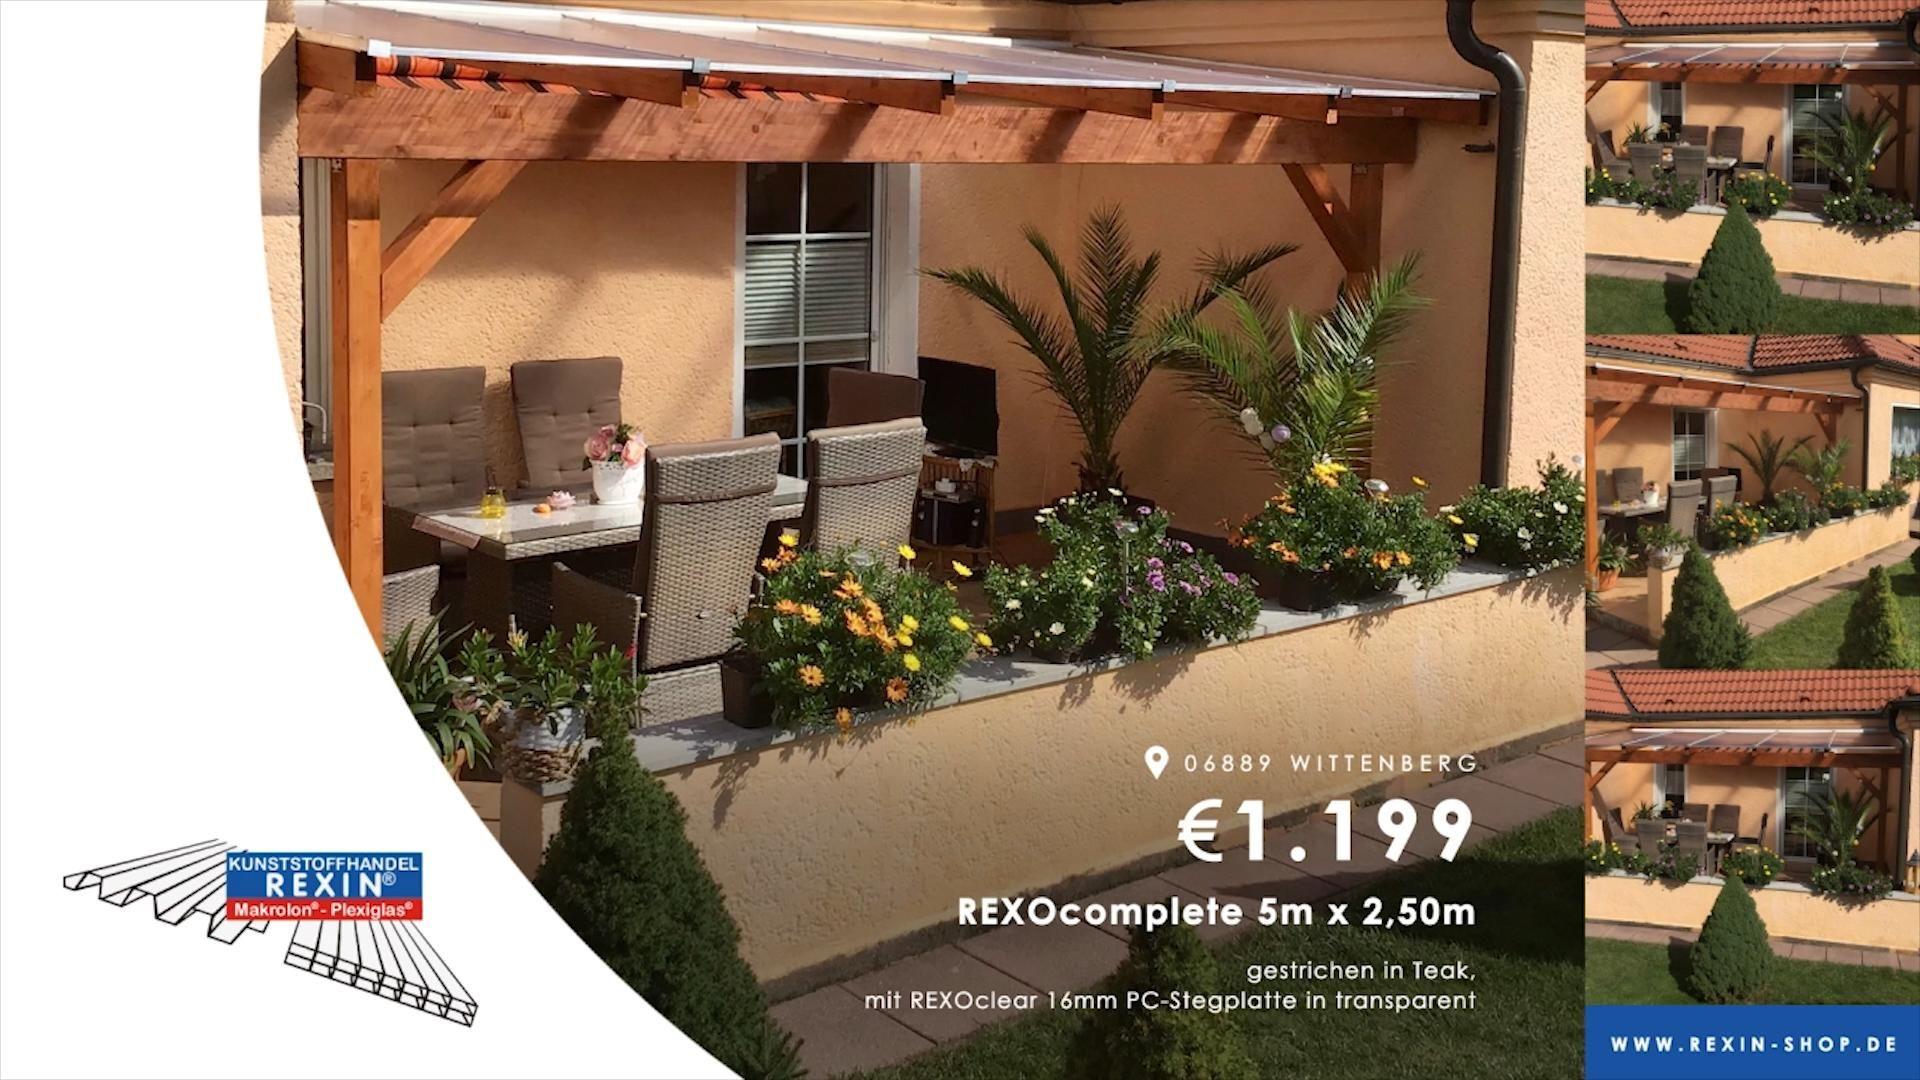 Holz Terrassendach selbst bauen (Kundenbilder KW 47/2019)